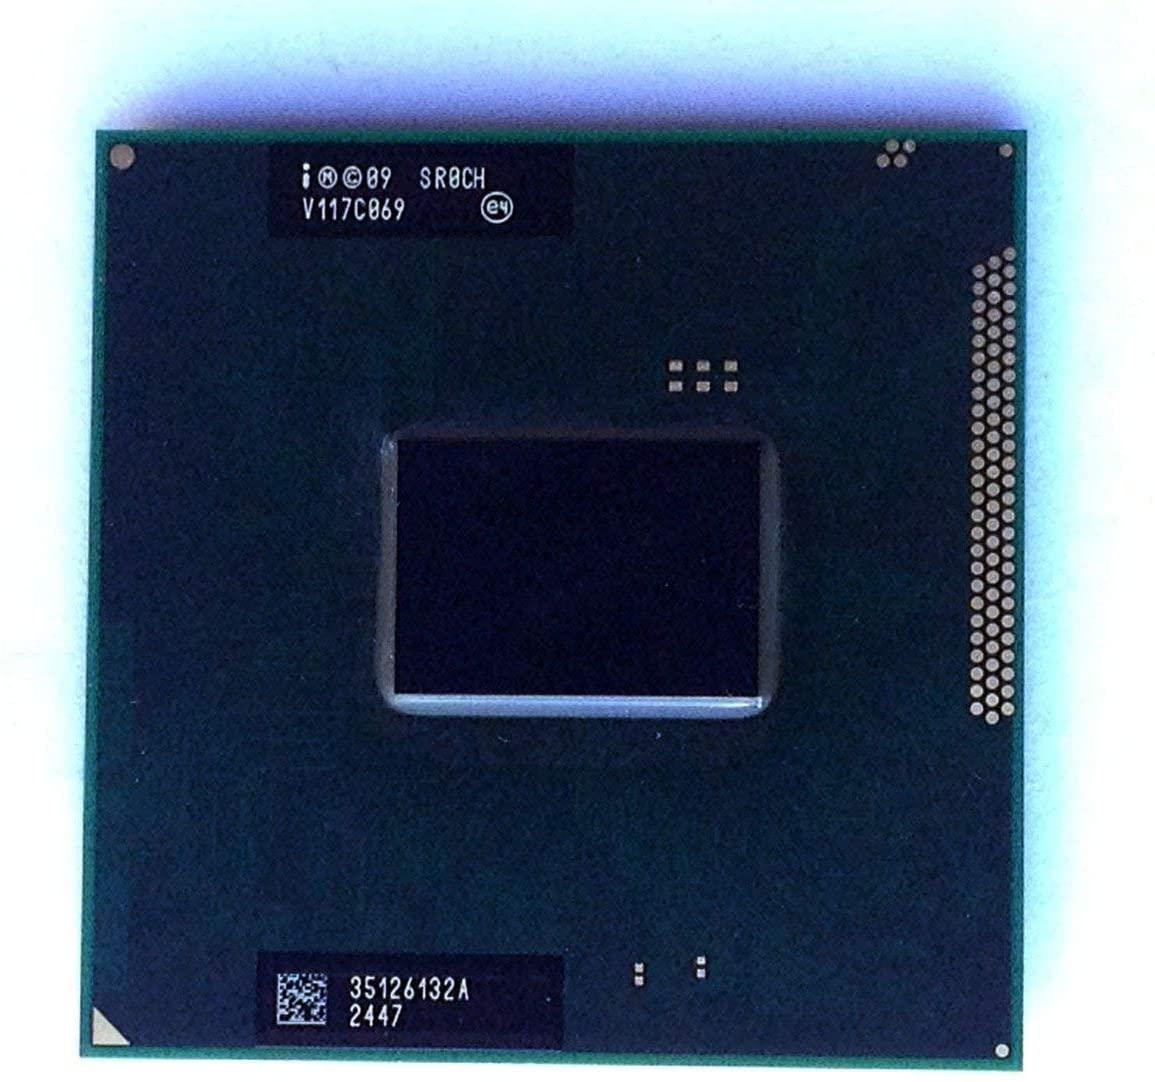 پردازنده مرکزی Intel Core i5 2450M لپ تاپ اچ پی پاویلیون جی 6